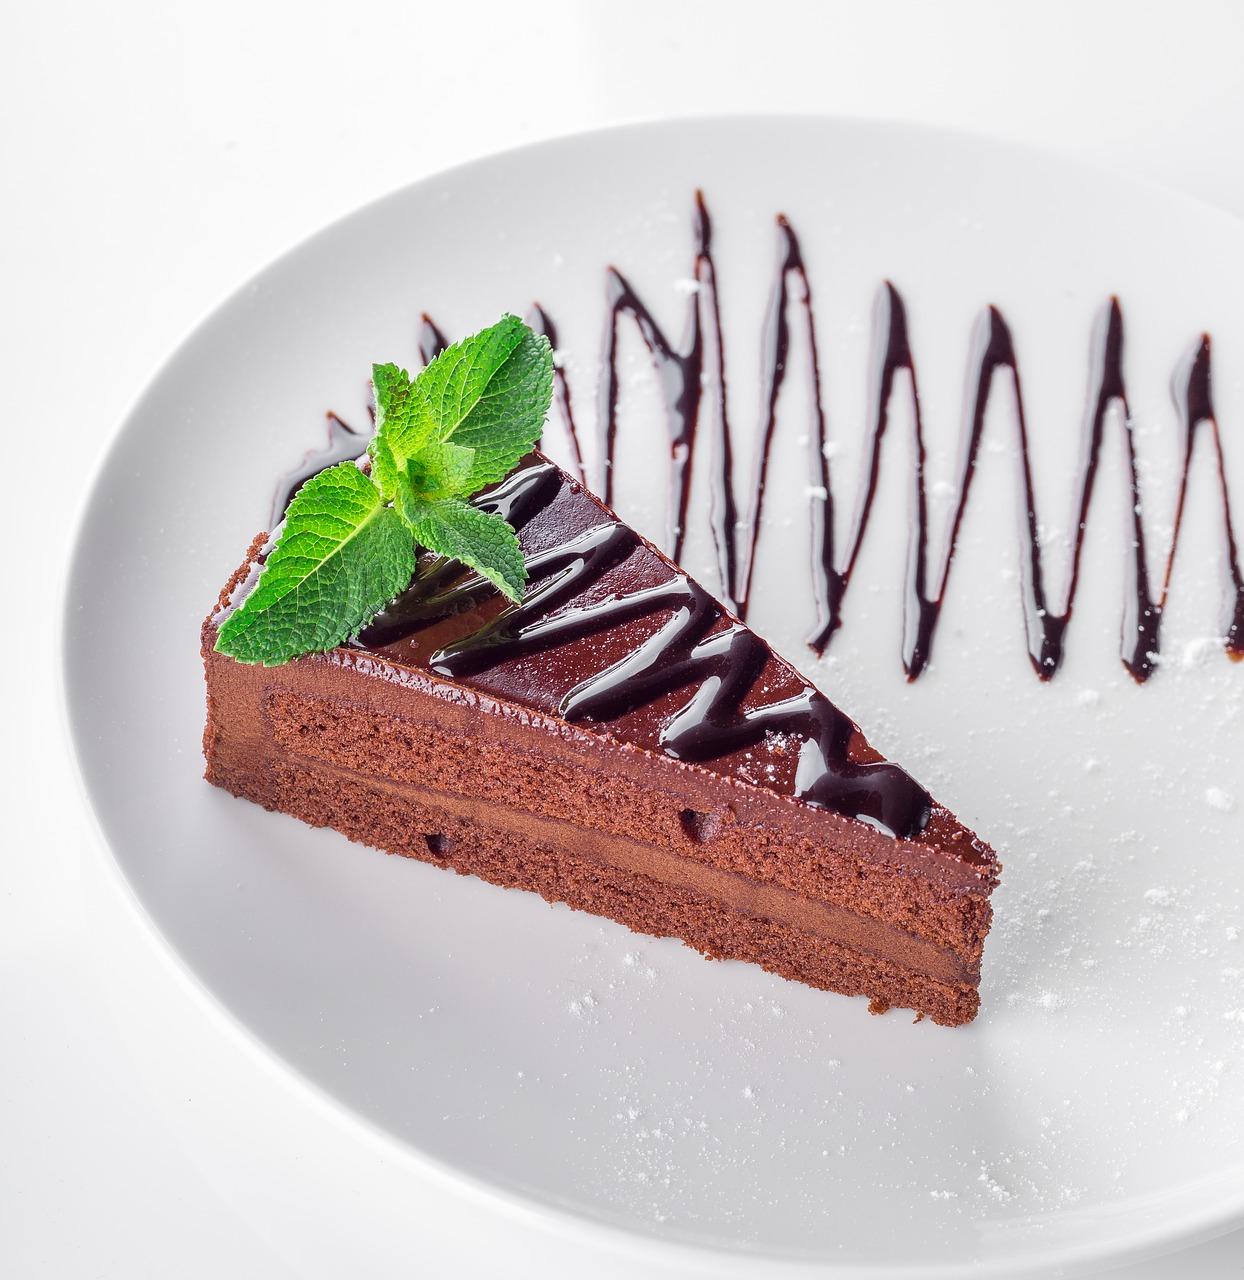 עוגות שוקולד מיוחדות